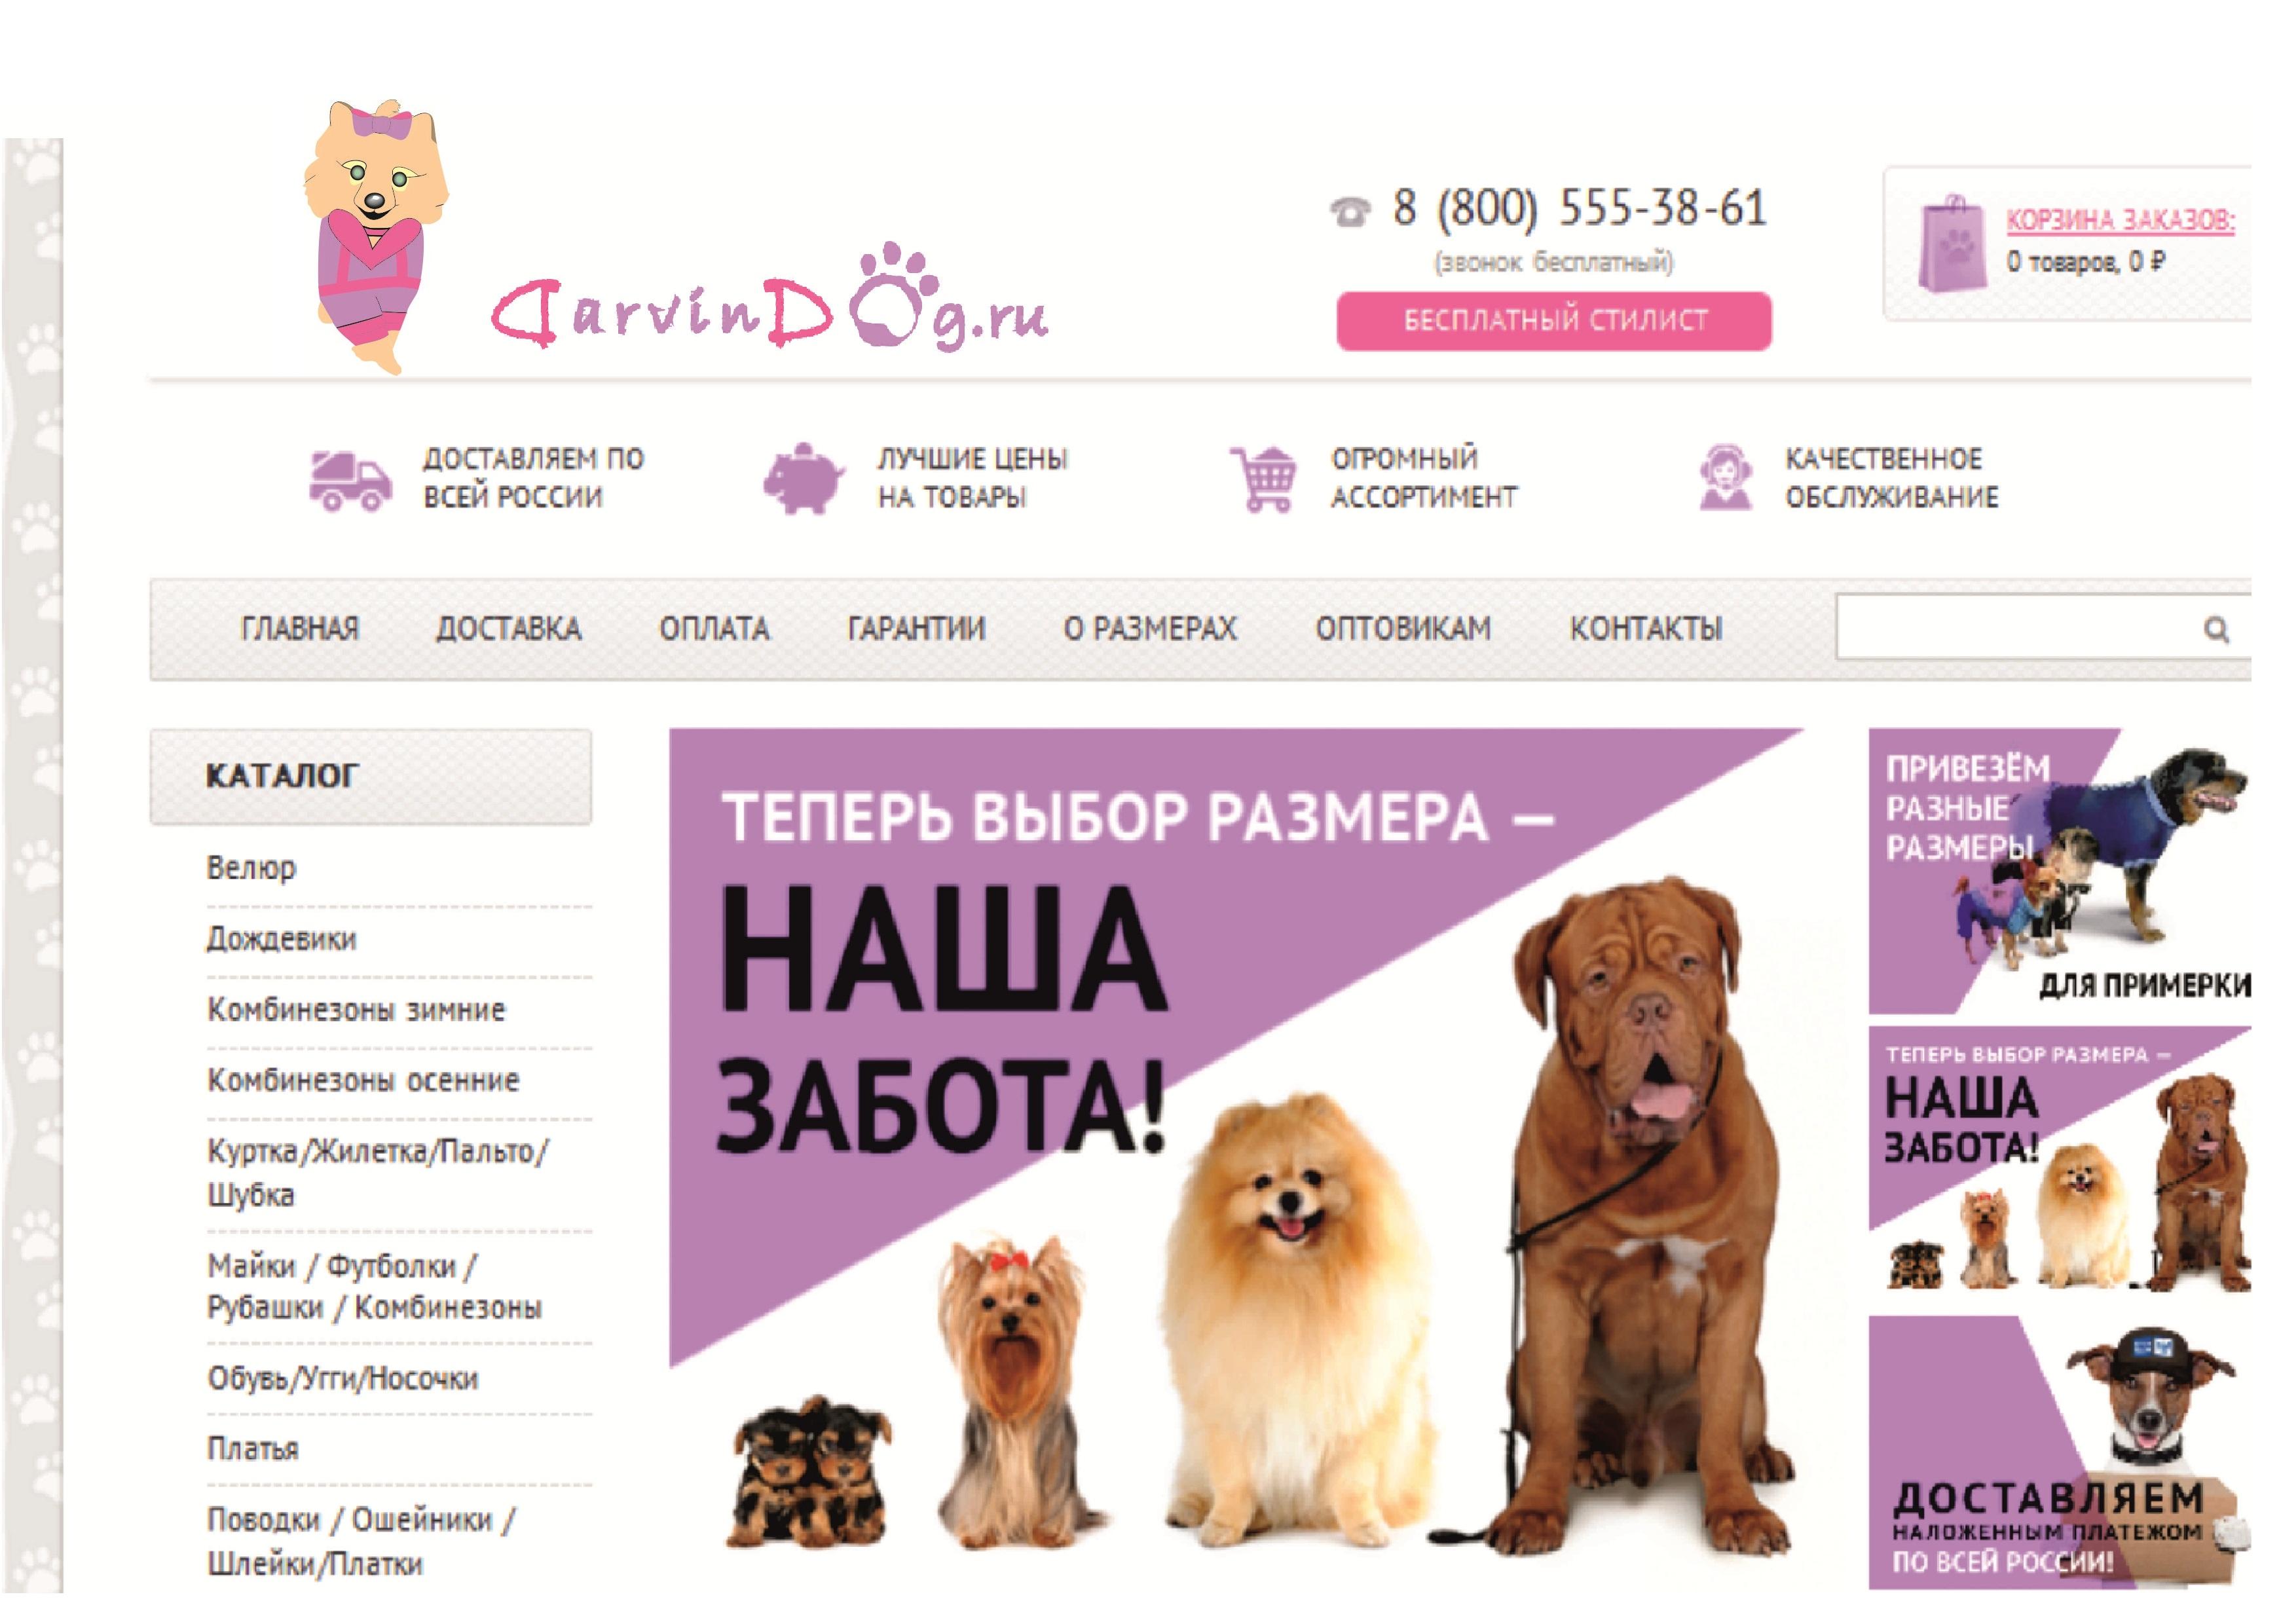 Создать логотип для интернет магазина одежды для собак фото f_102564ee8a4ea060.jpg